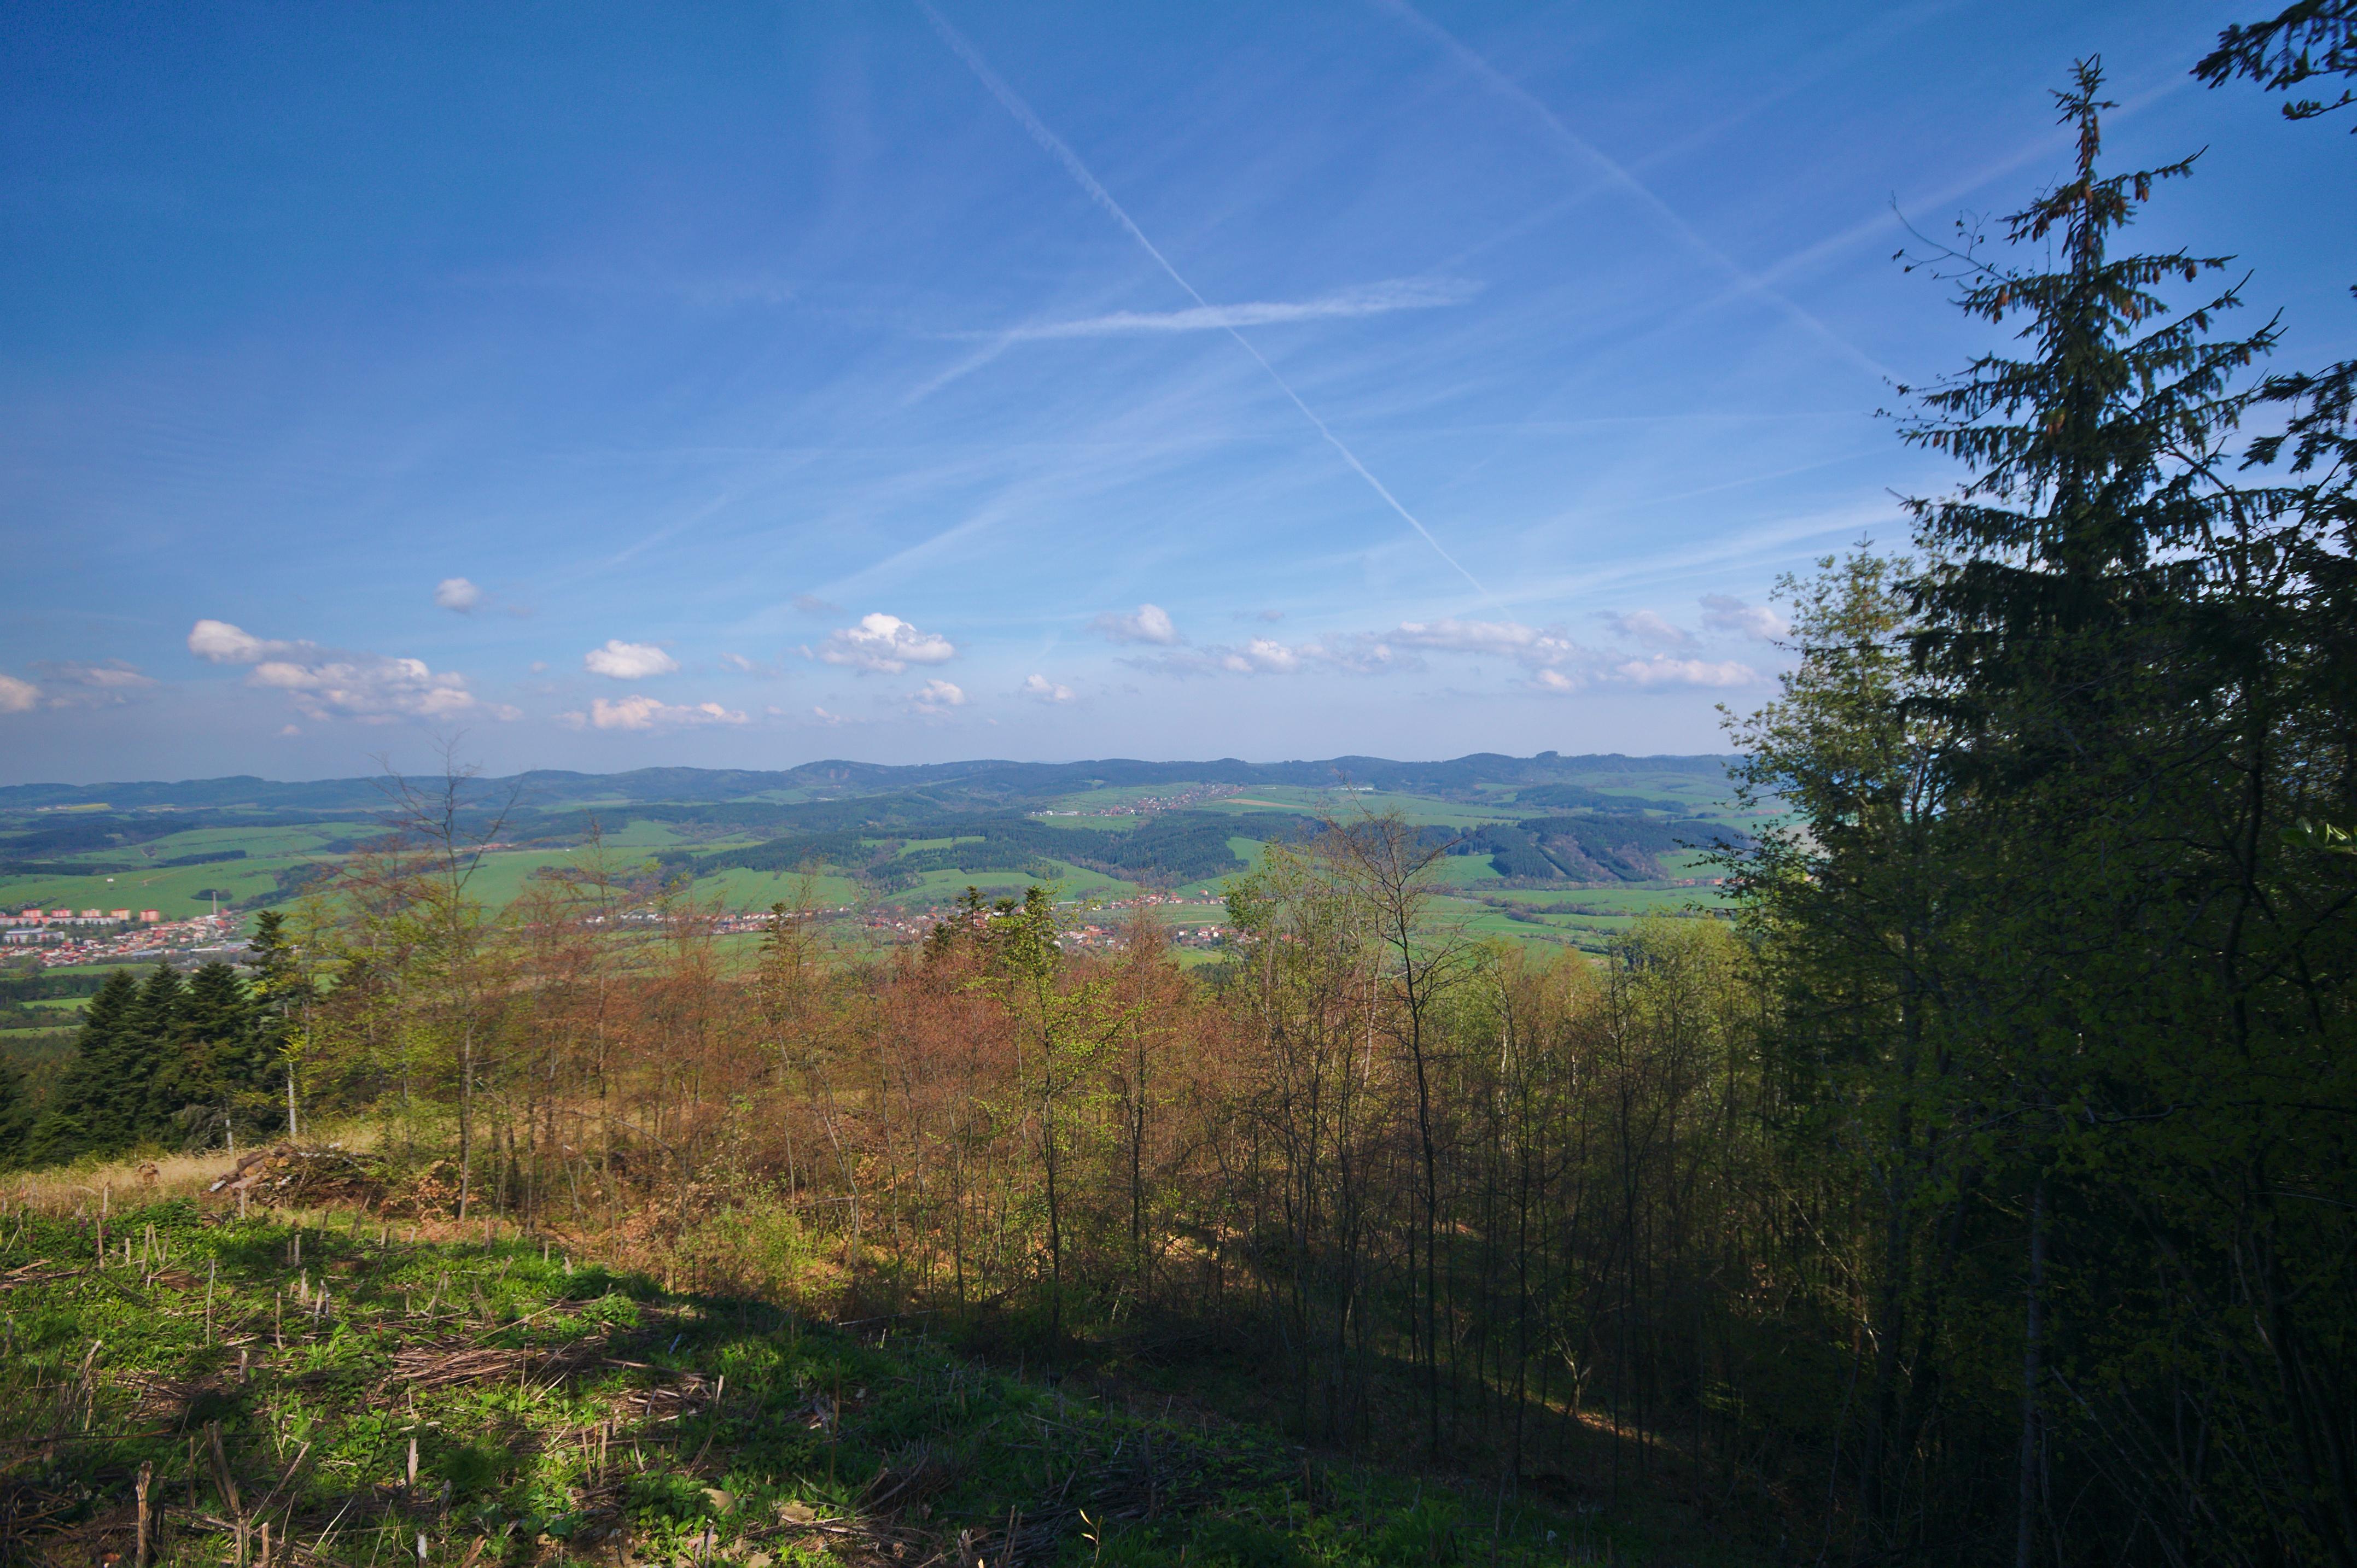 dfbb281d486 File Výhled od televizního vysílače Valašské Klobouky - Ploštiny do údolí  Brumovky